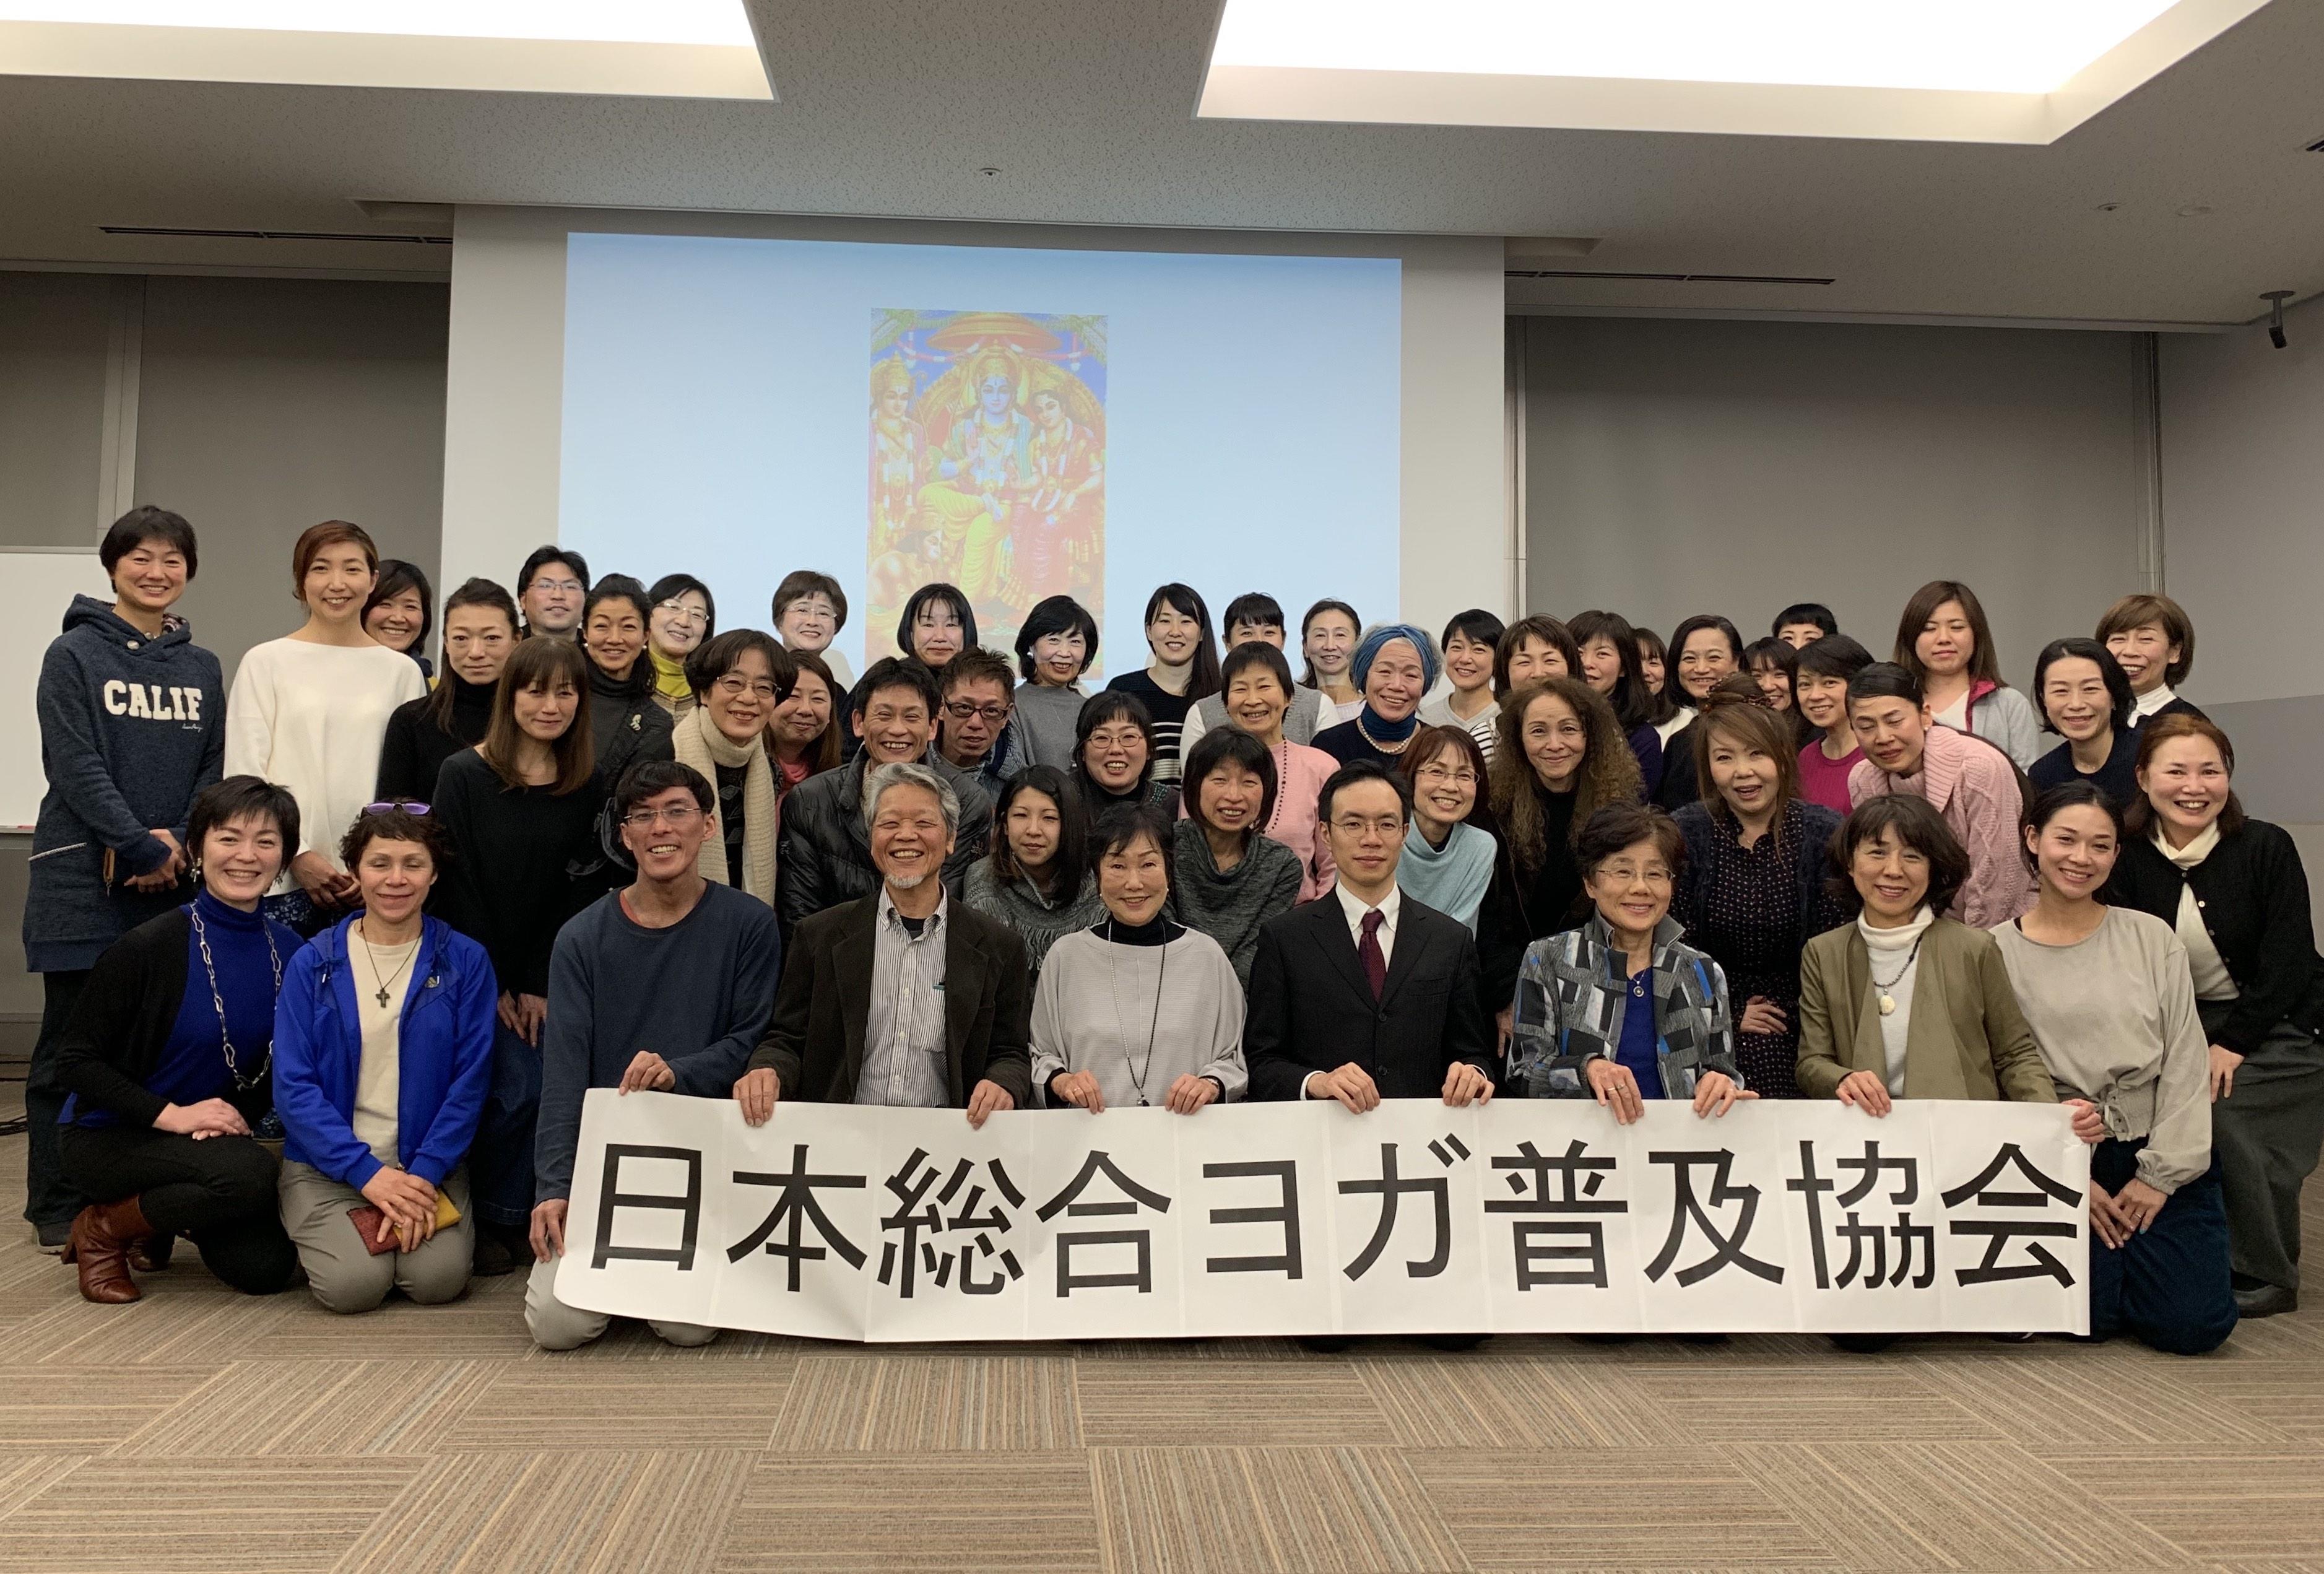 日本総合ヨガ普及協会 第12回総会・セミナー開催のご報告